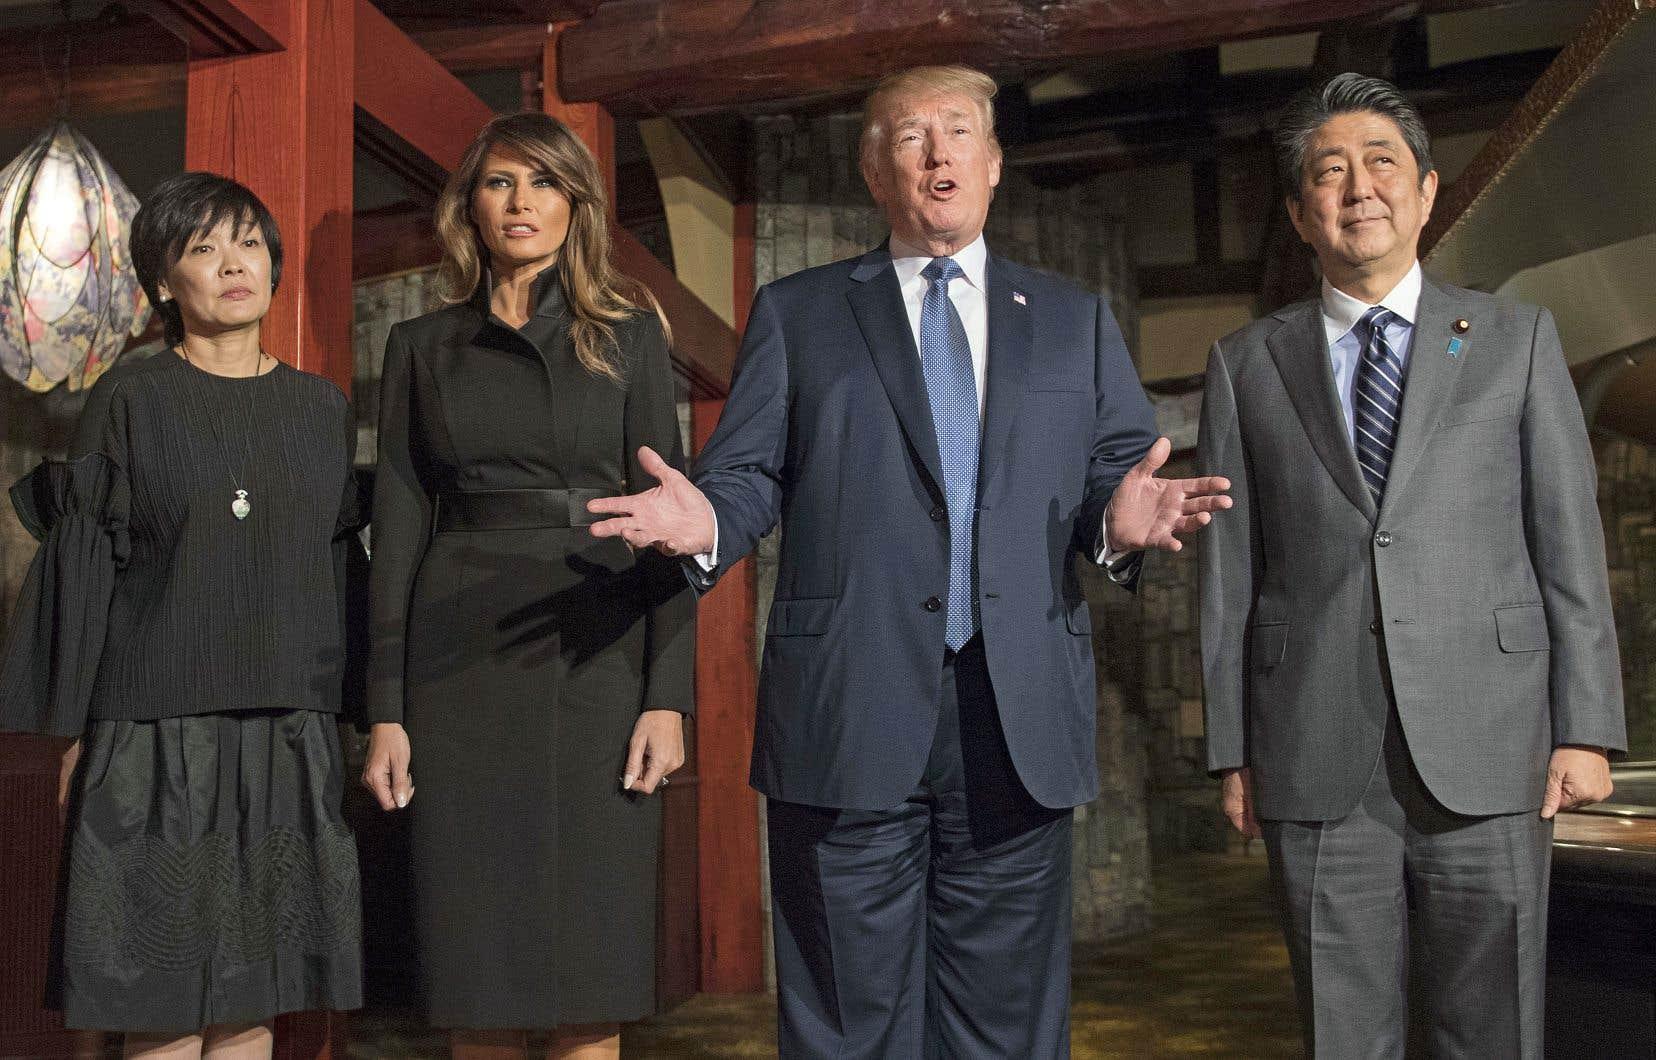 Donald Trump en compagnie du premier ministre japonais, Shinzo Abe, et de leurs épouses.